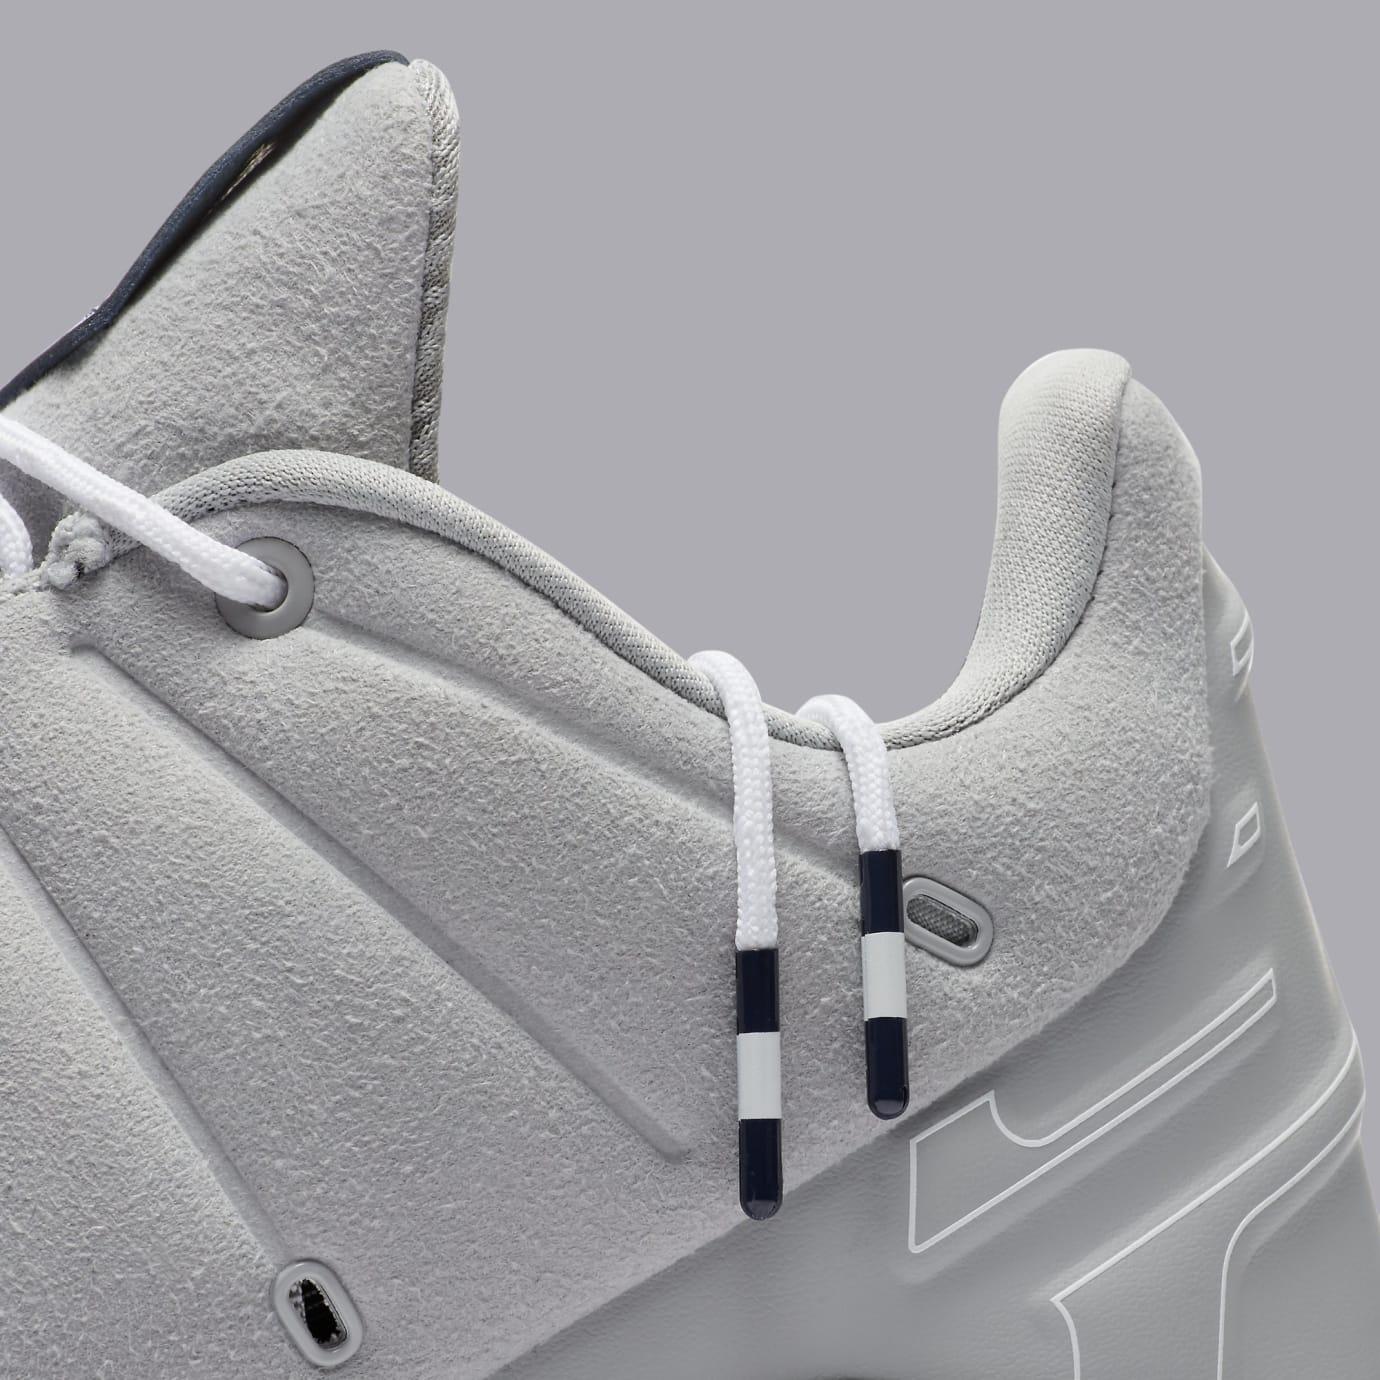 60cc6aefefe5e Jordan CP3.XI 'Dallas Cowboys' Release Date AA1272-014   Sole Collector